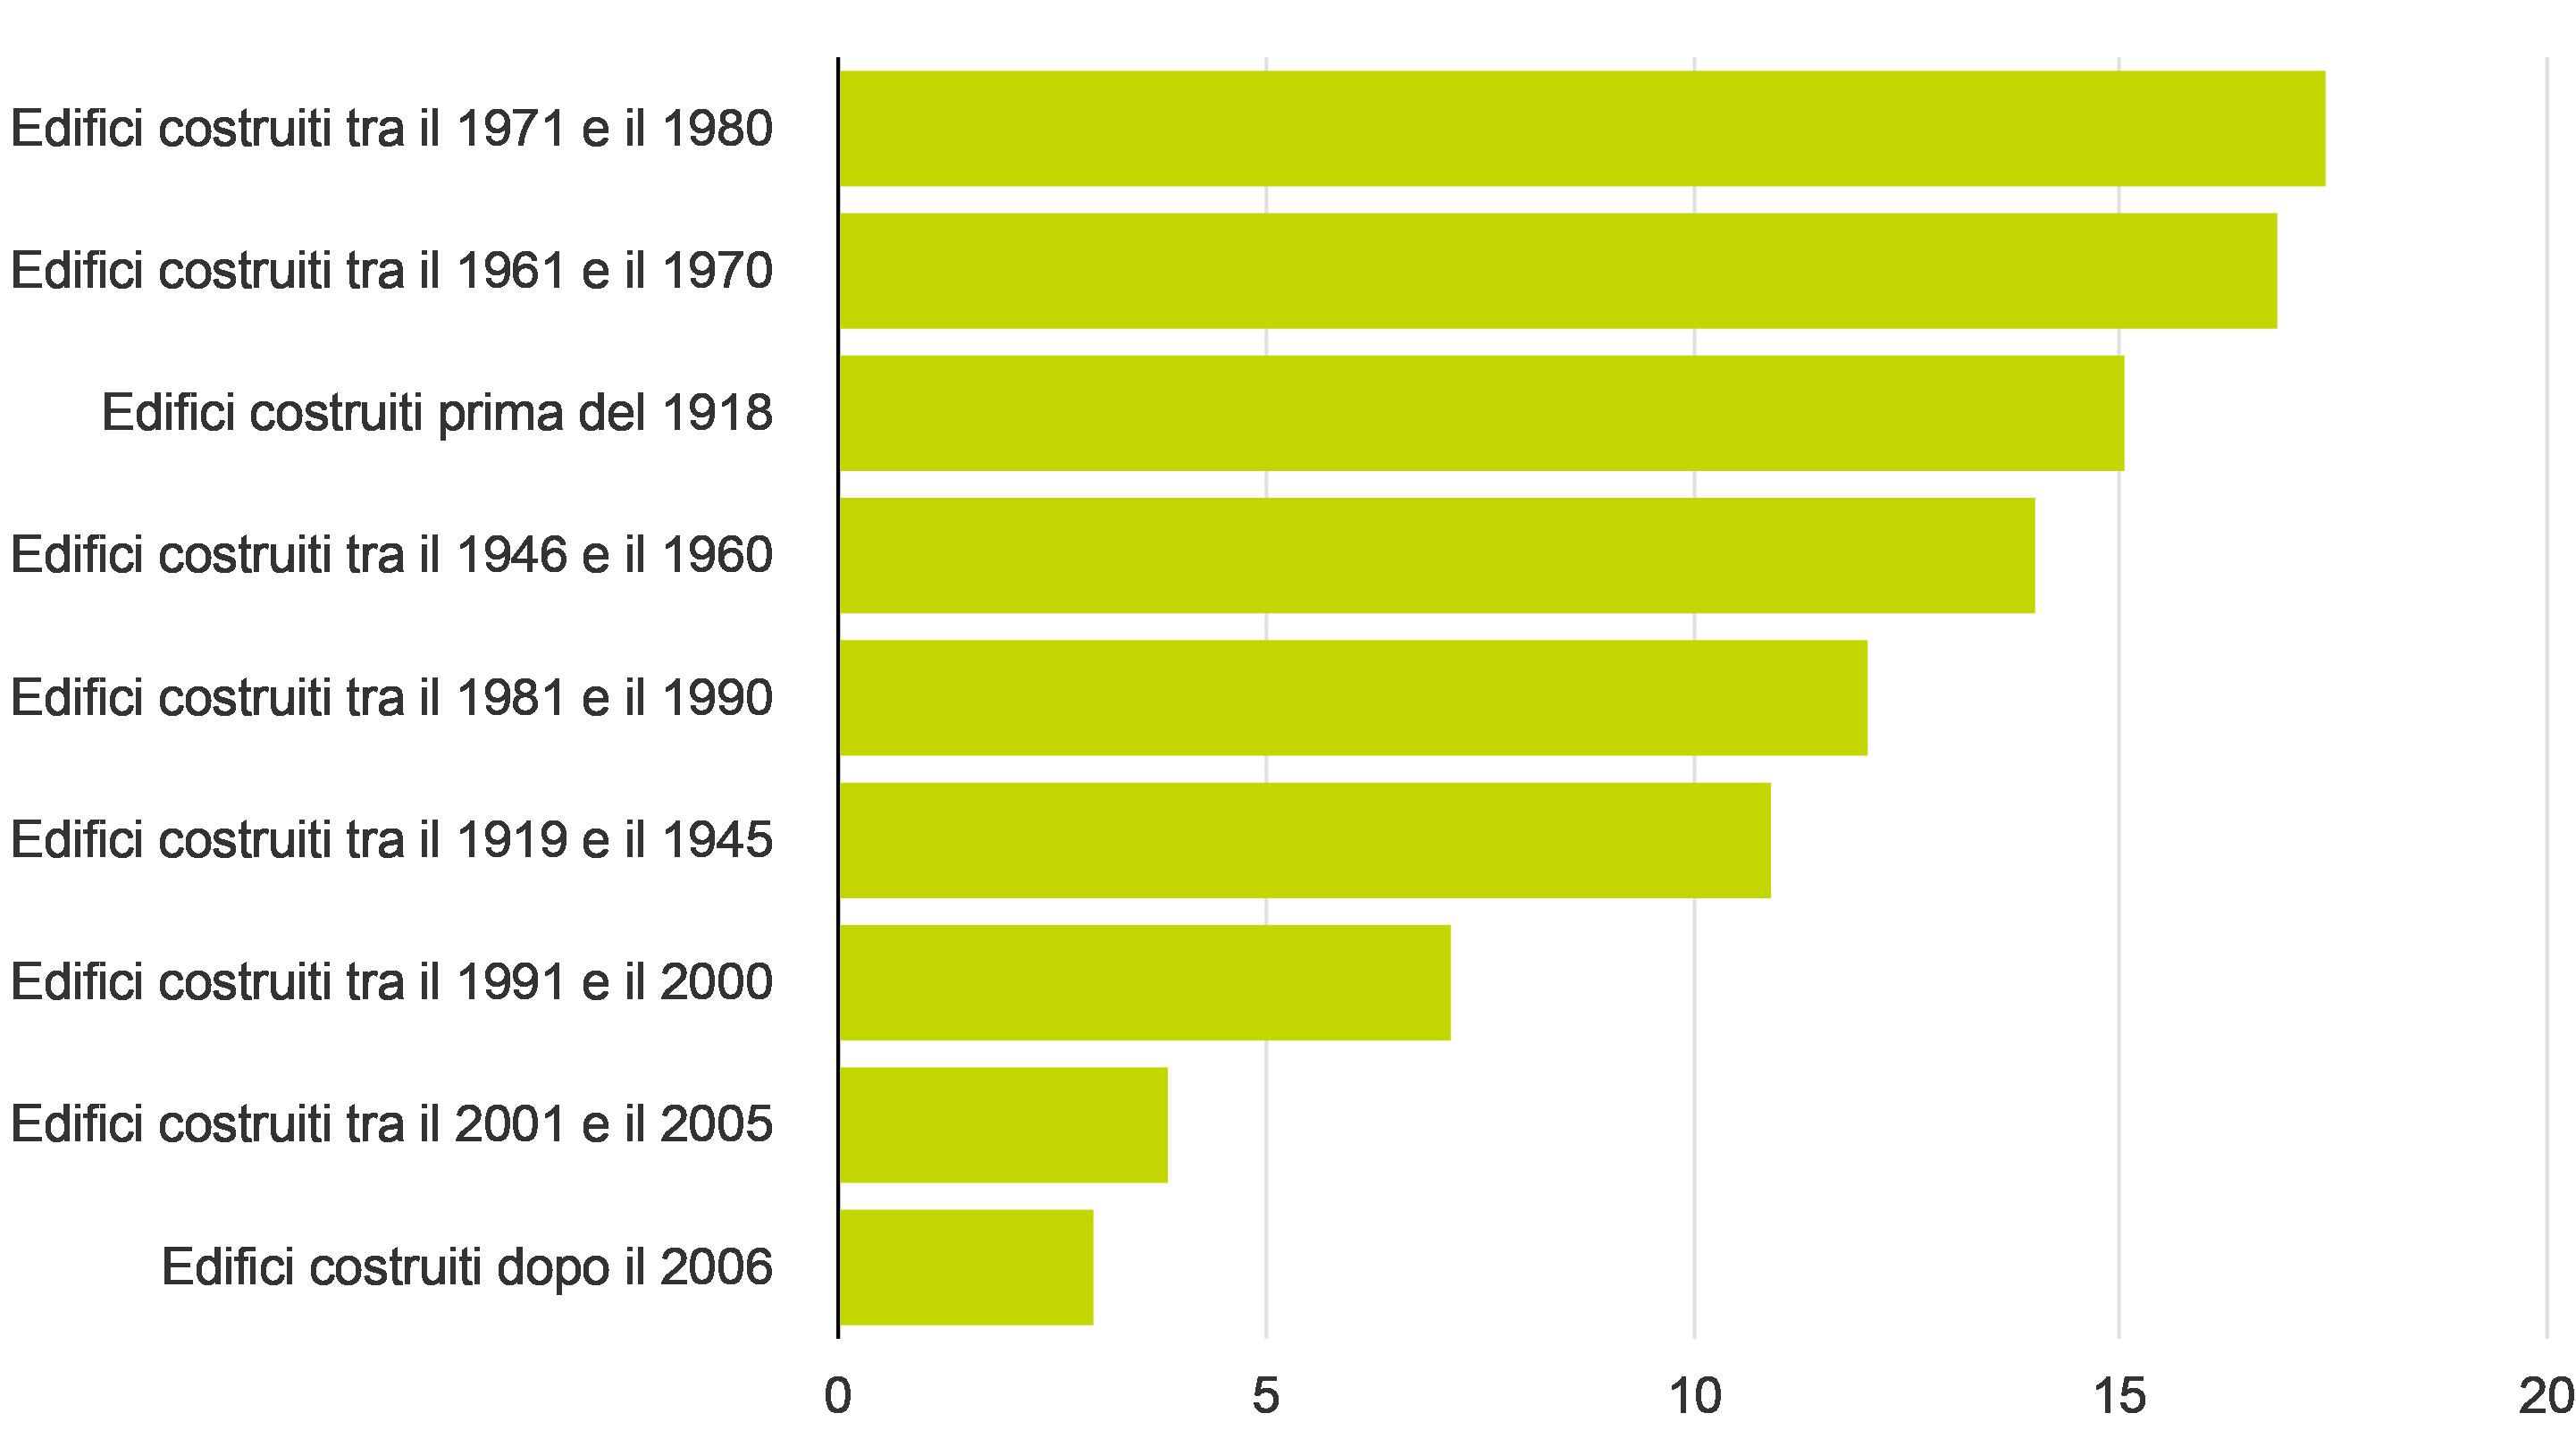 Percentuale di edifici costruiti in Italia